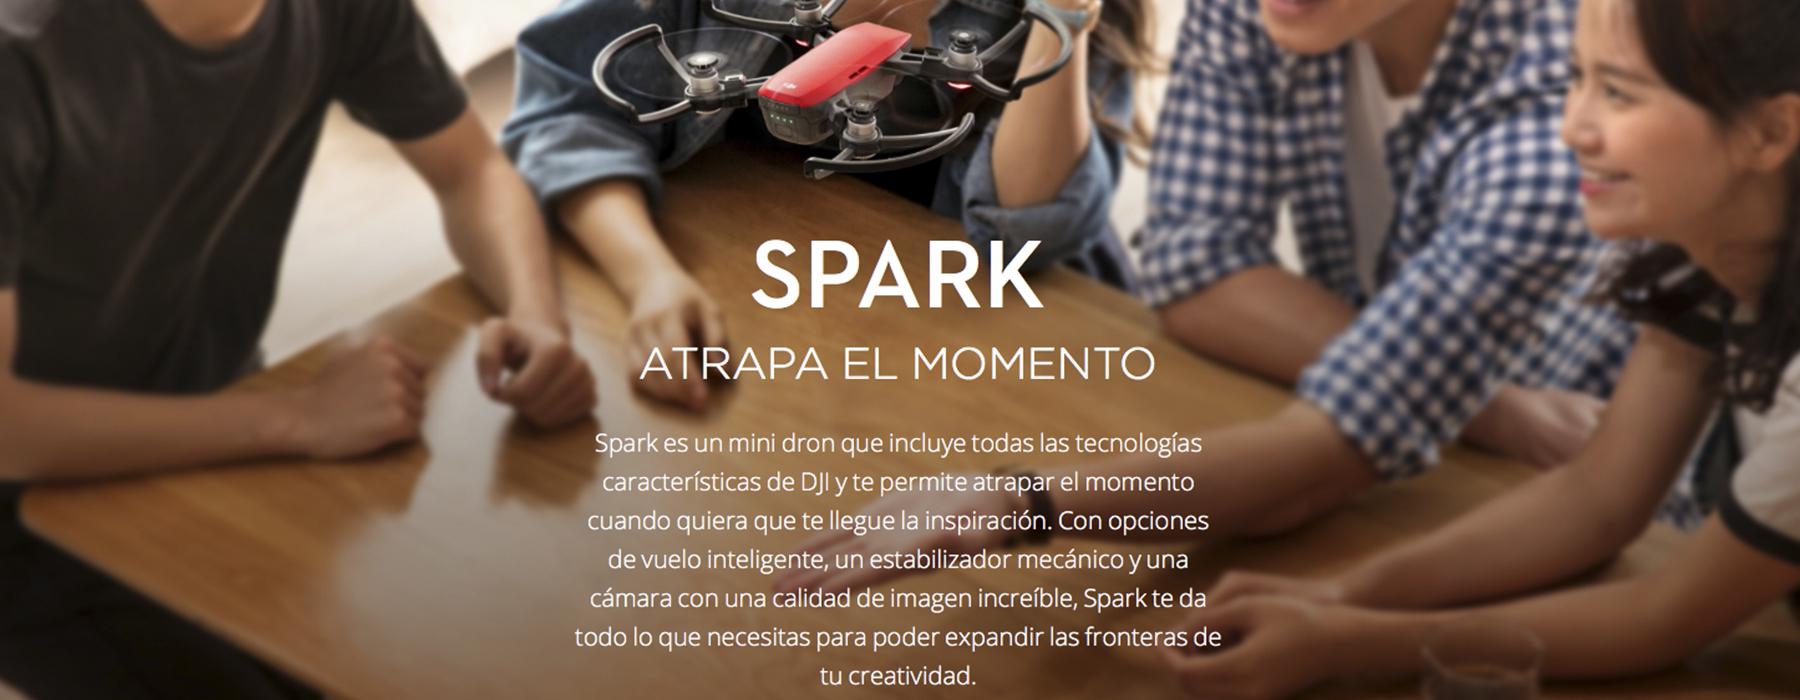 Dji-SPARK1-Robisa